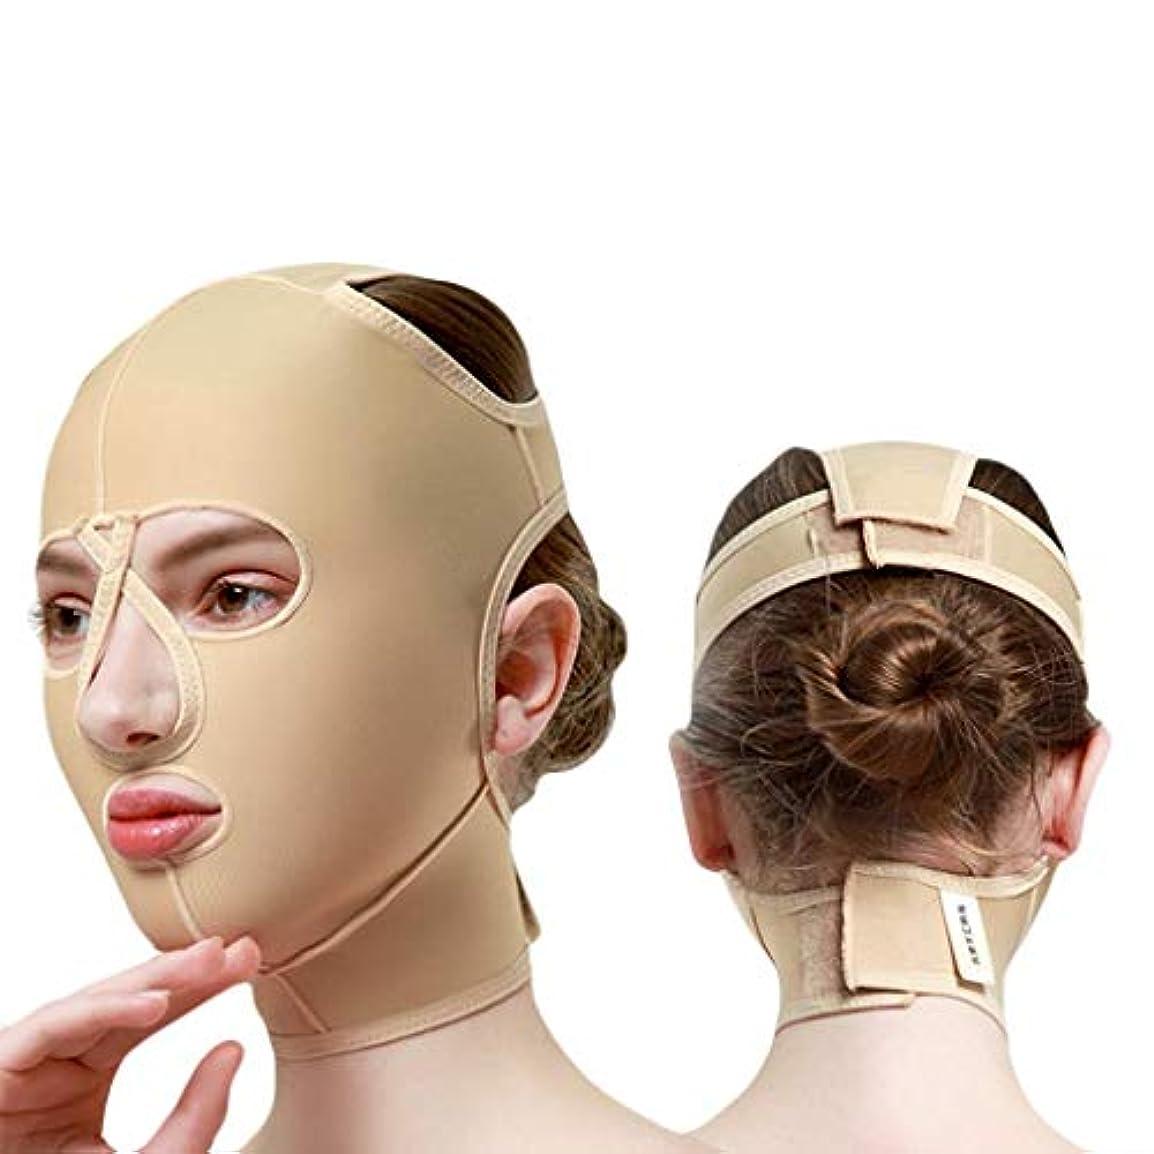 オーバードローペネロペトレイチンストラップ、顔彫りツール、リフティングマスク、ダブルチンリデューサー、フェイスリフティングエラスティックマスクメス(サイズ:M),S